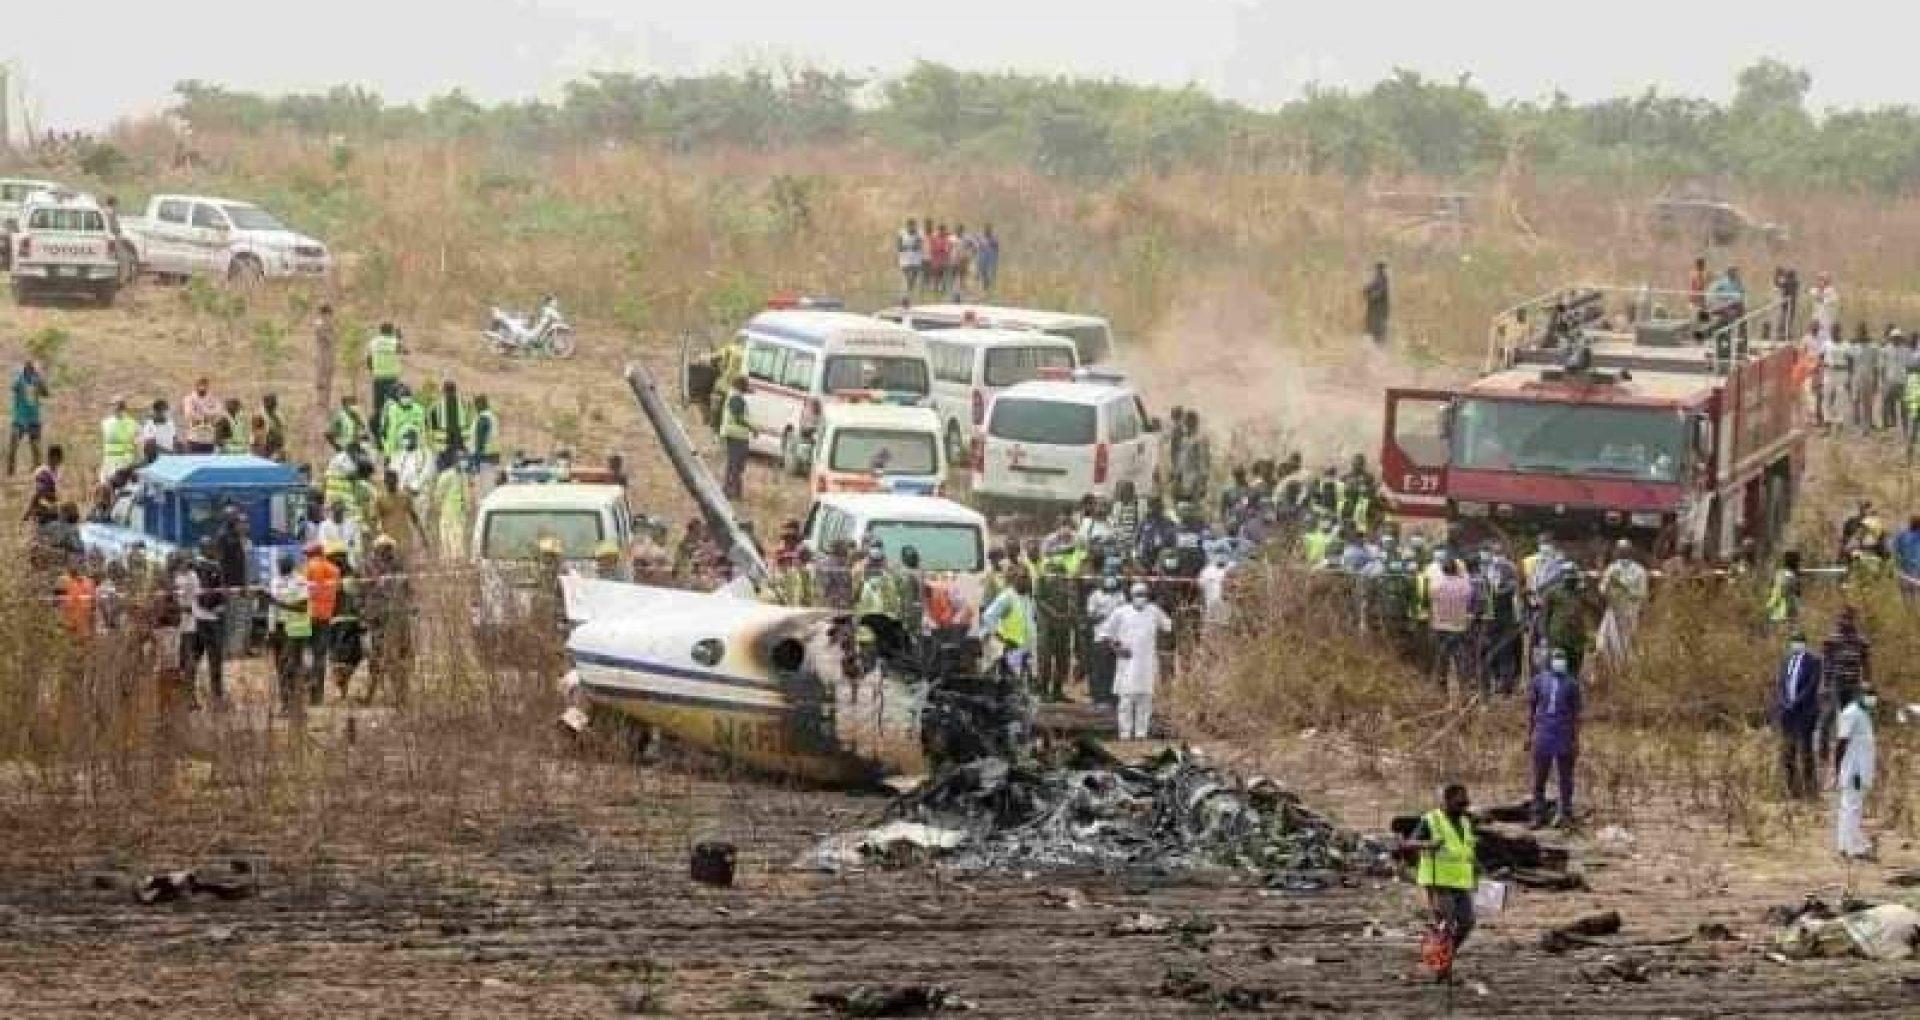 VIDEO/ Şapte oameni au murit după ce un avion militar s-a prăbuşit în Nigeria